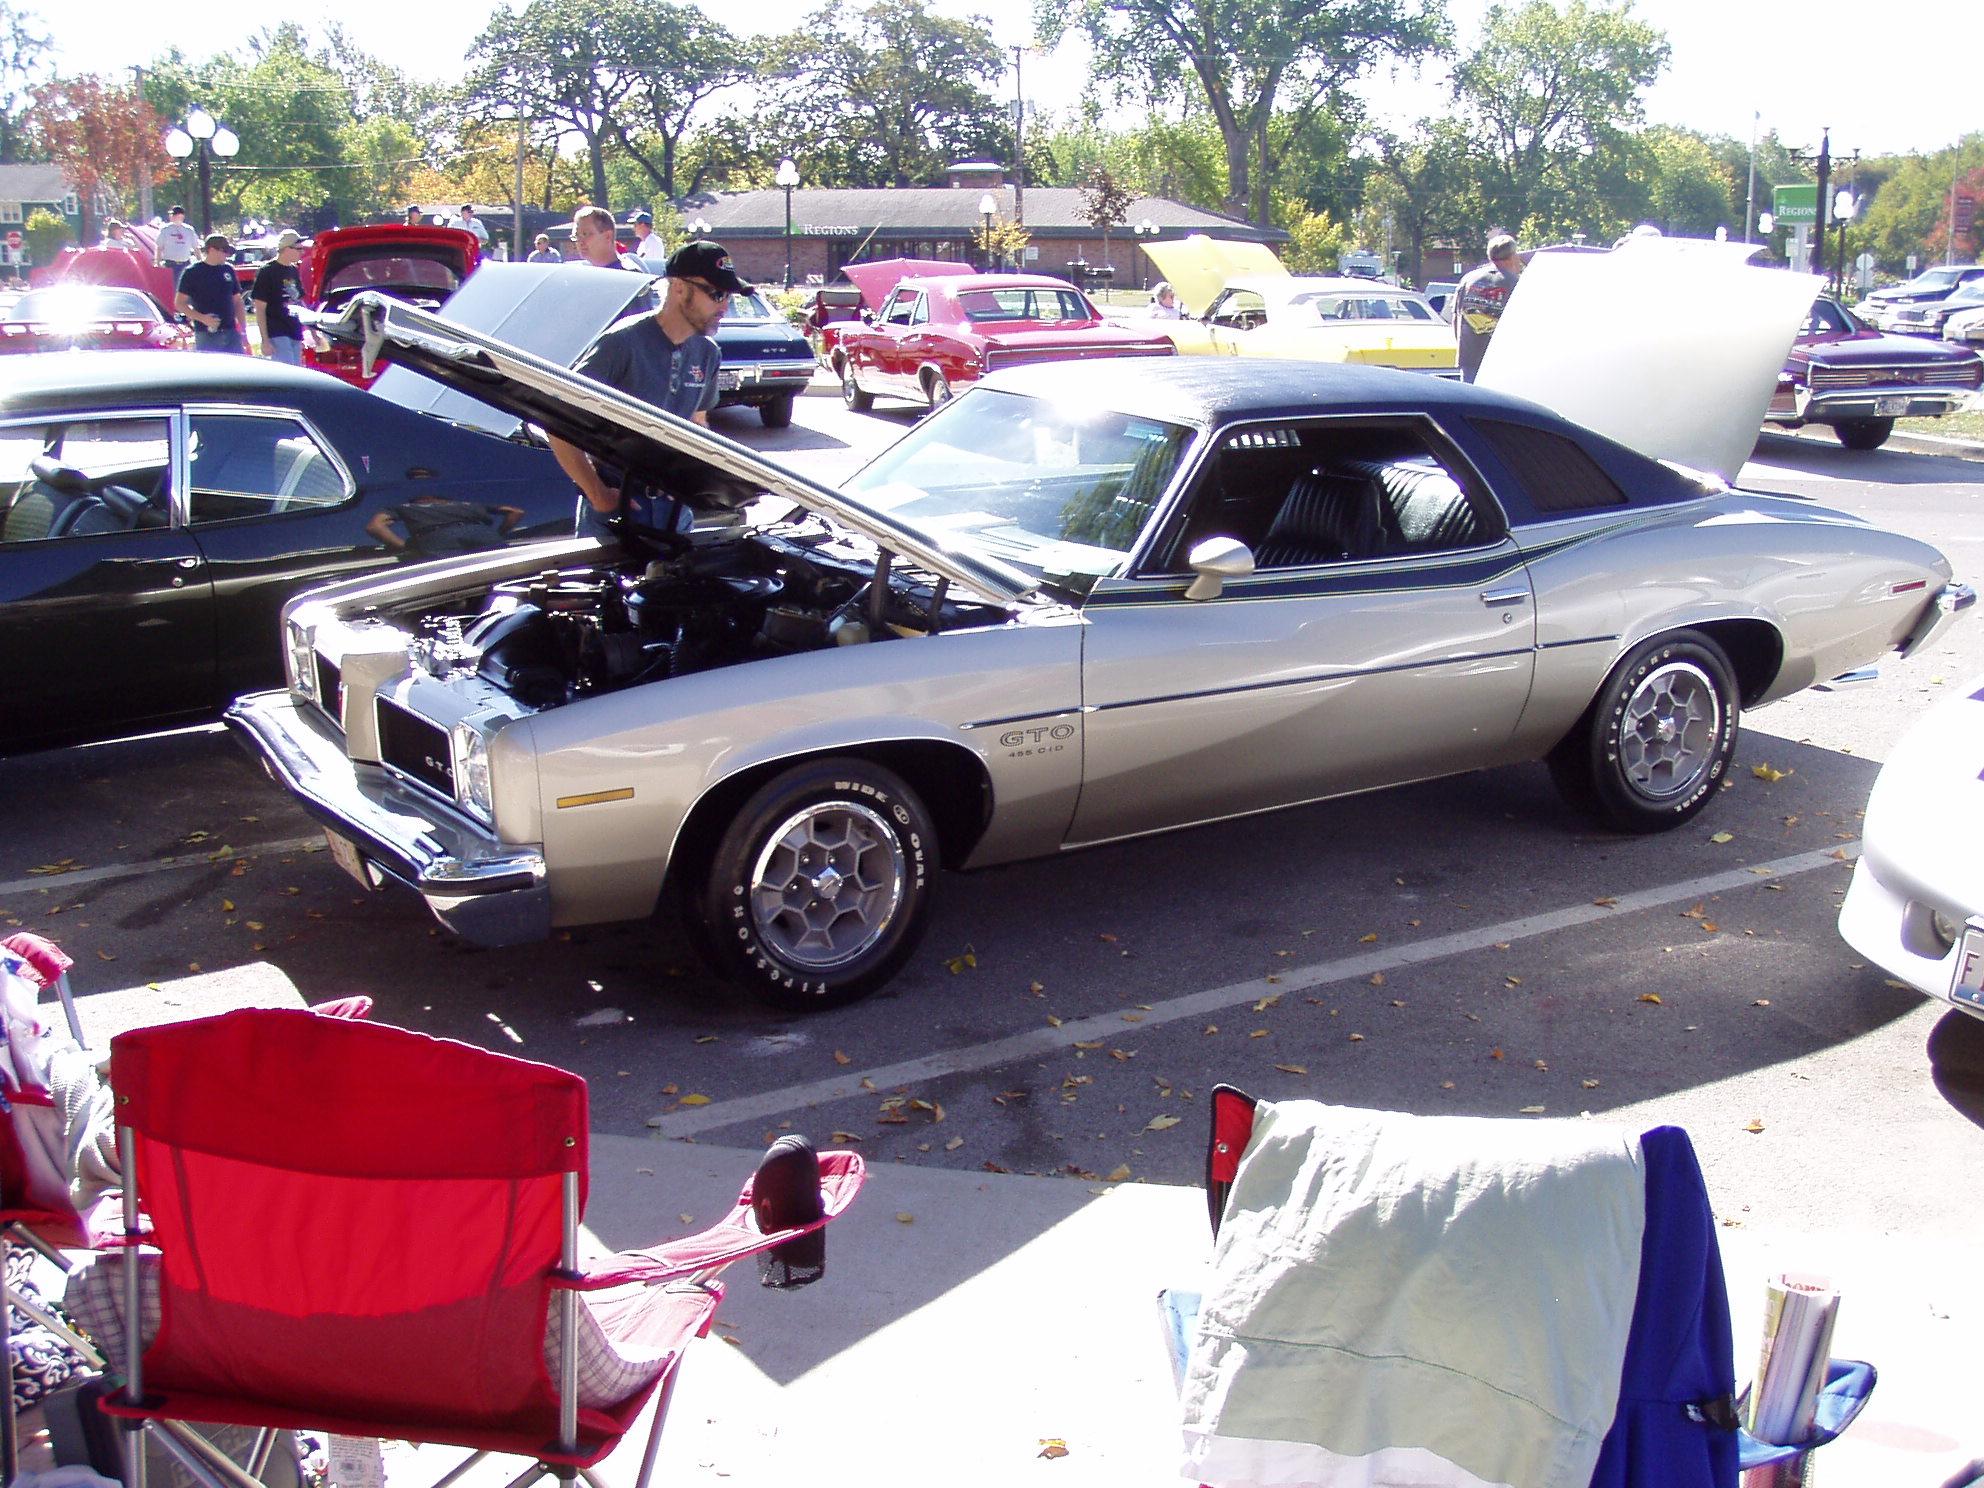 Pontiac's in Pontiac-pontiacs-019.jpg